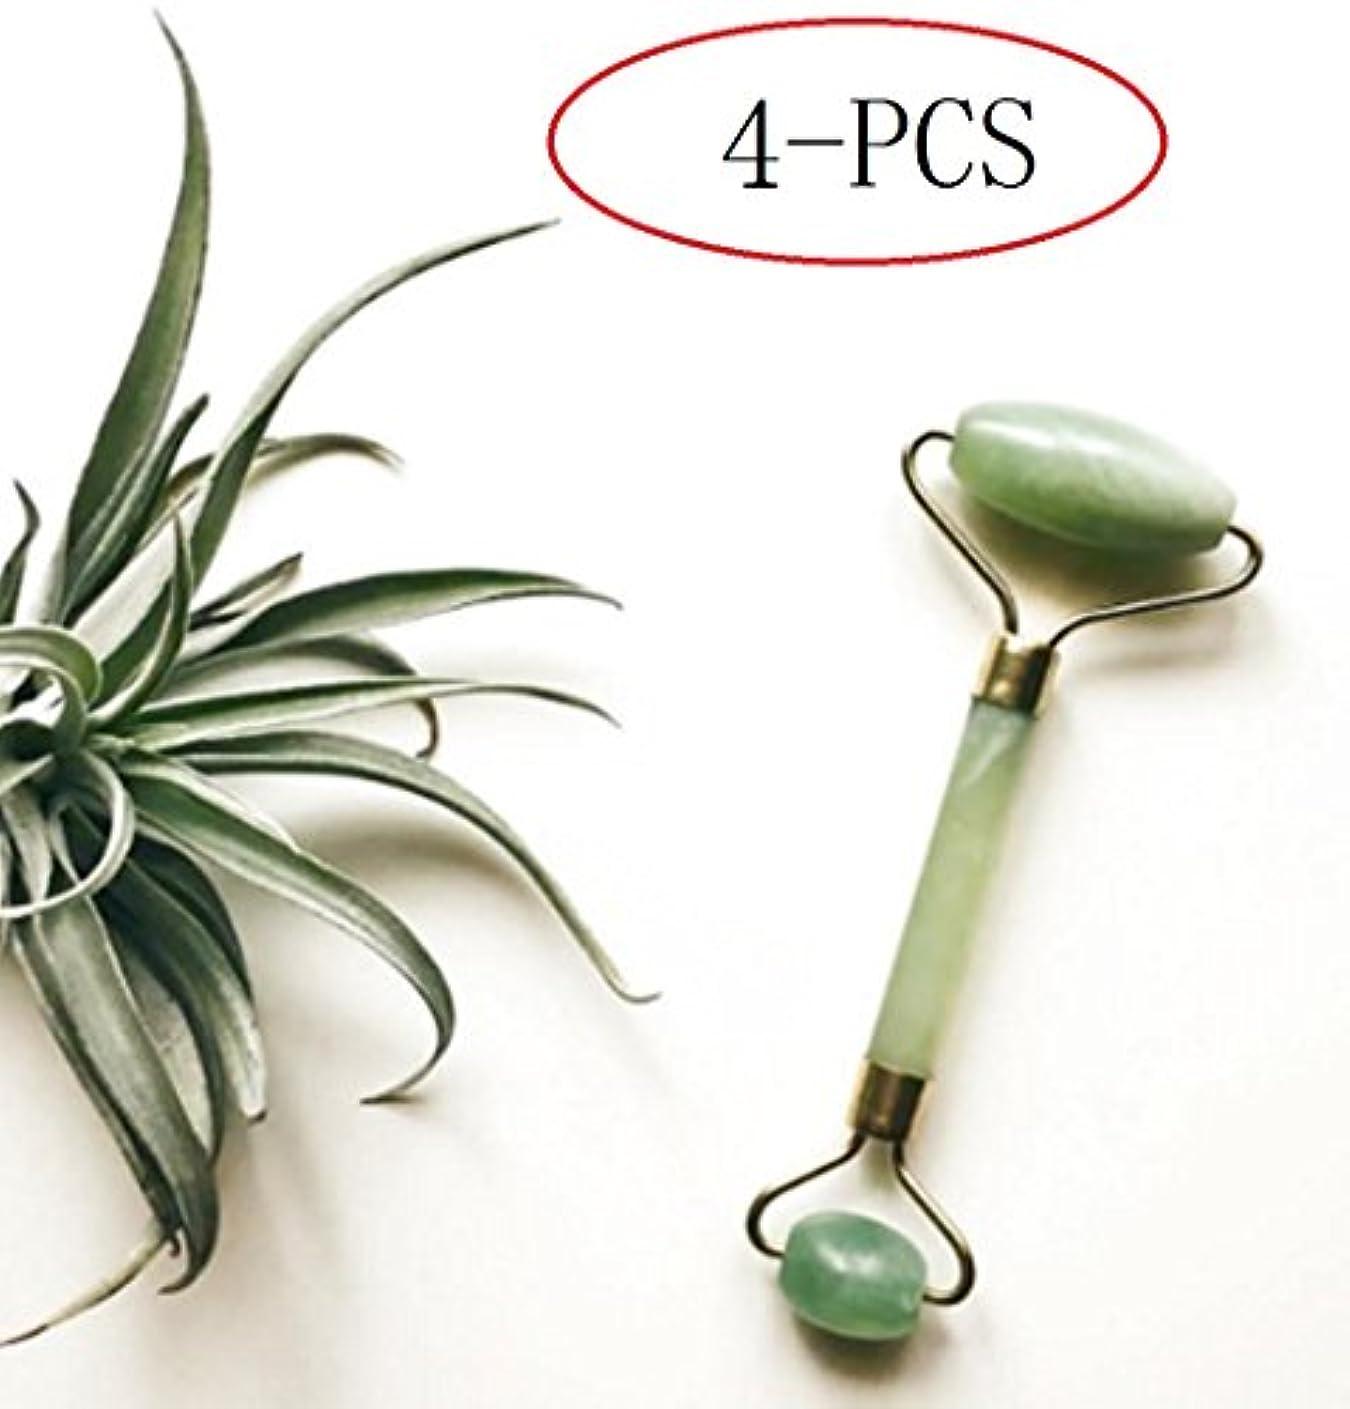 異常な知覚するスリチンモイEcho & Kern 4点翡翠フェイスマッサジローラー 4pcs Double head Jade Stone Derma Roller